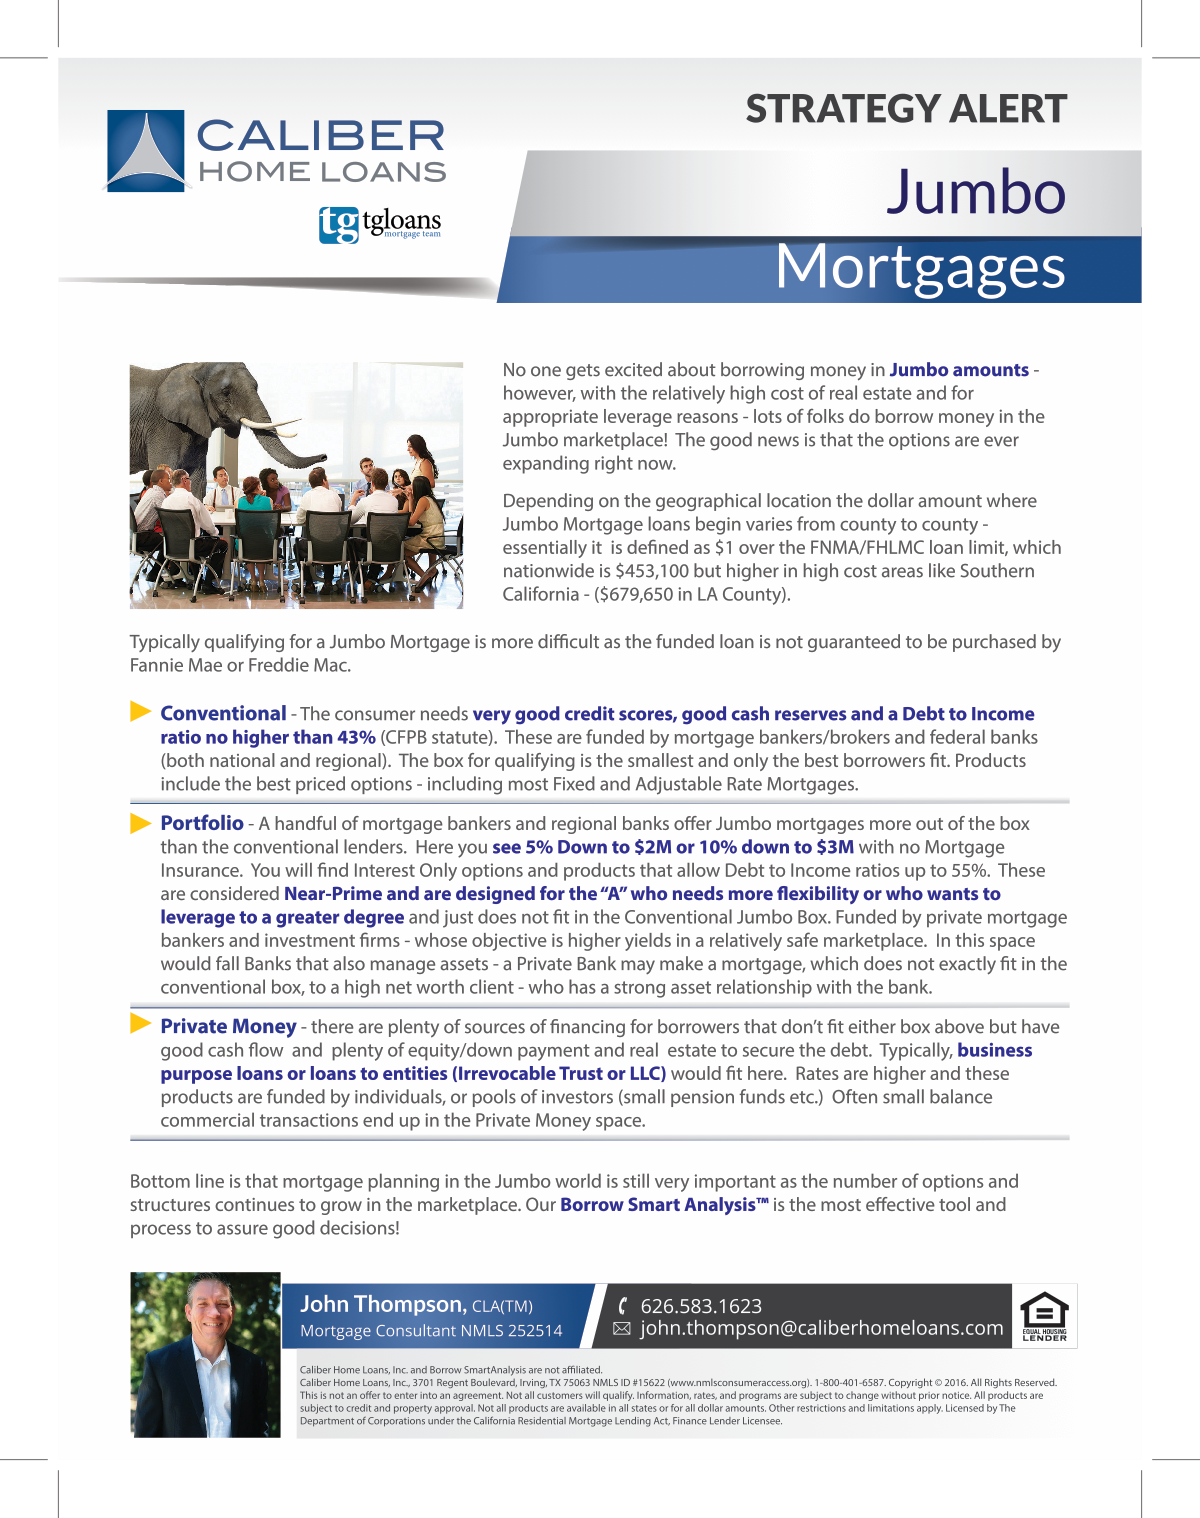 September Strategy Alert - Jumbo Mortgages